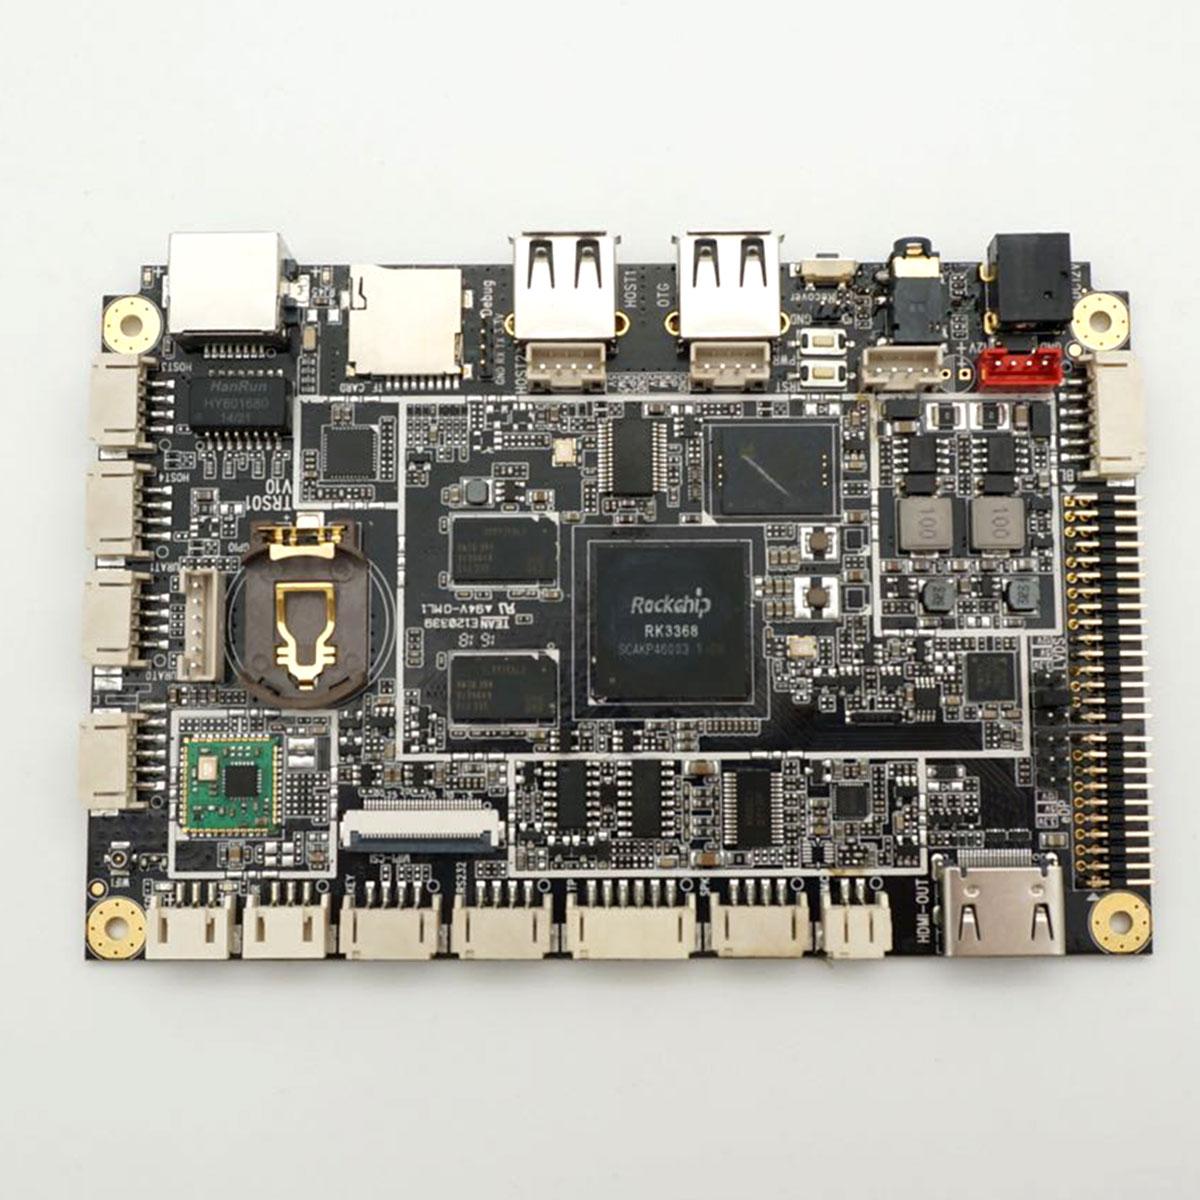 瑞芯微RK3368嵌入式主机,